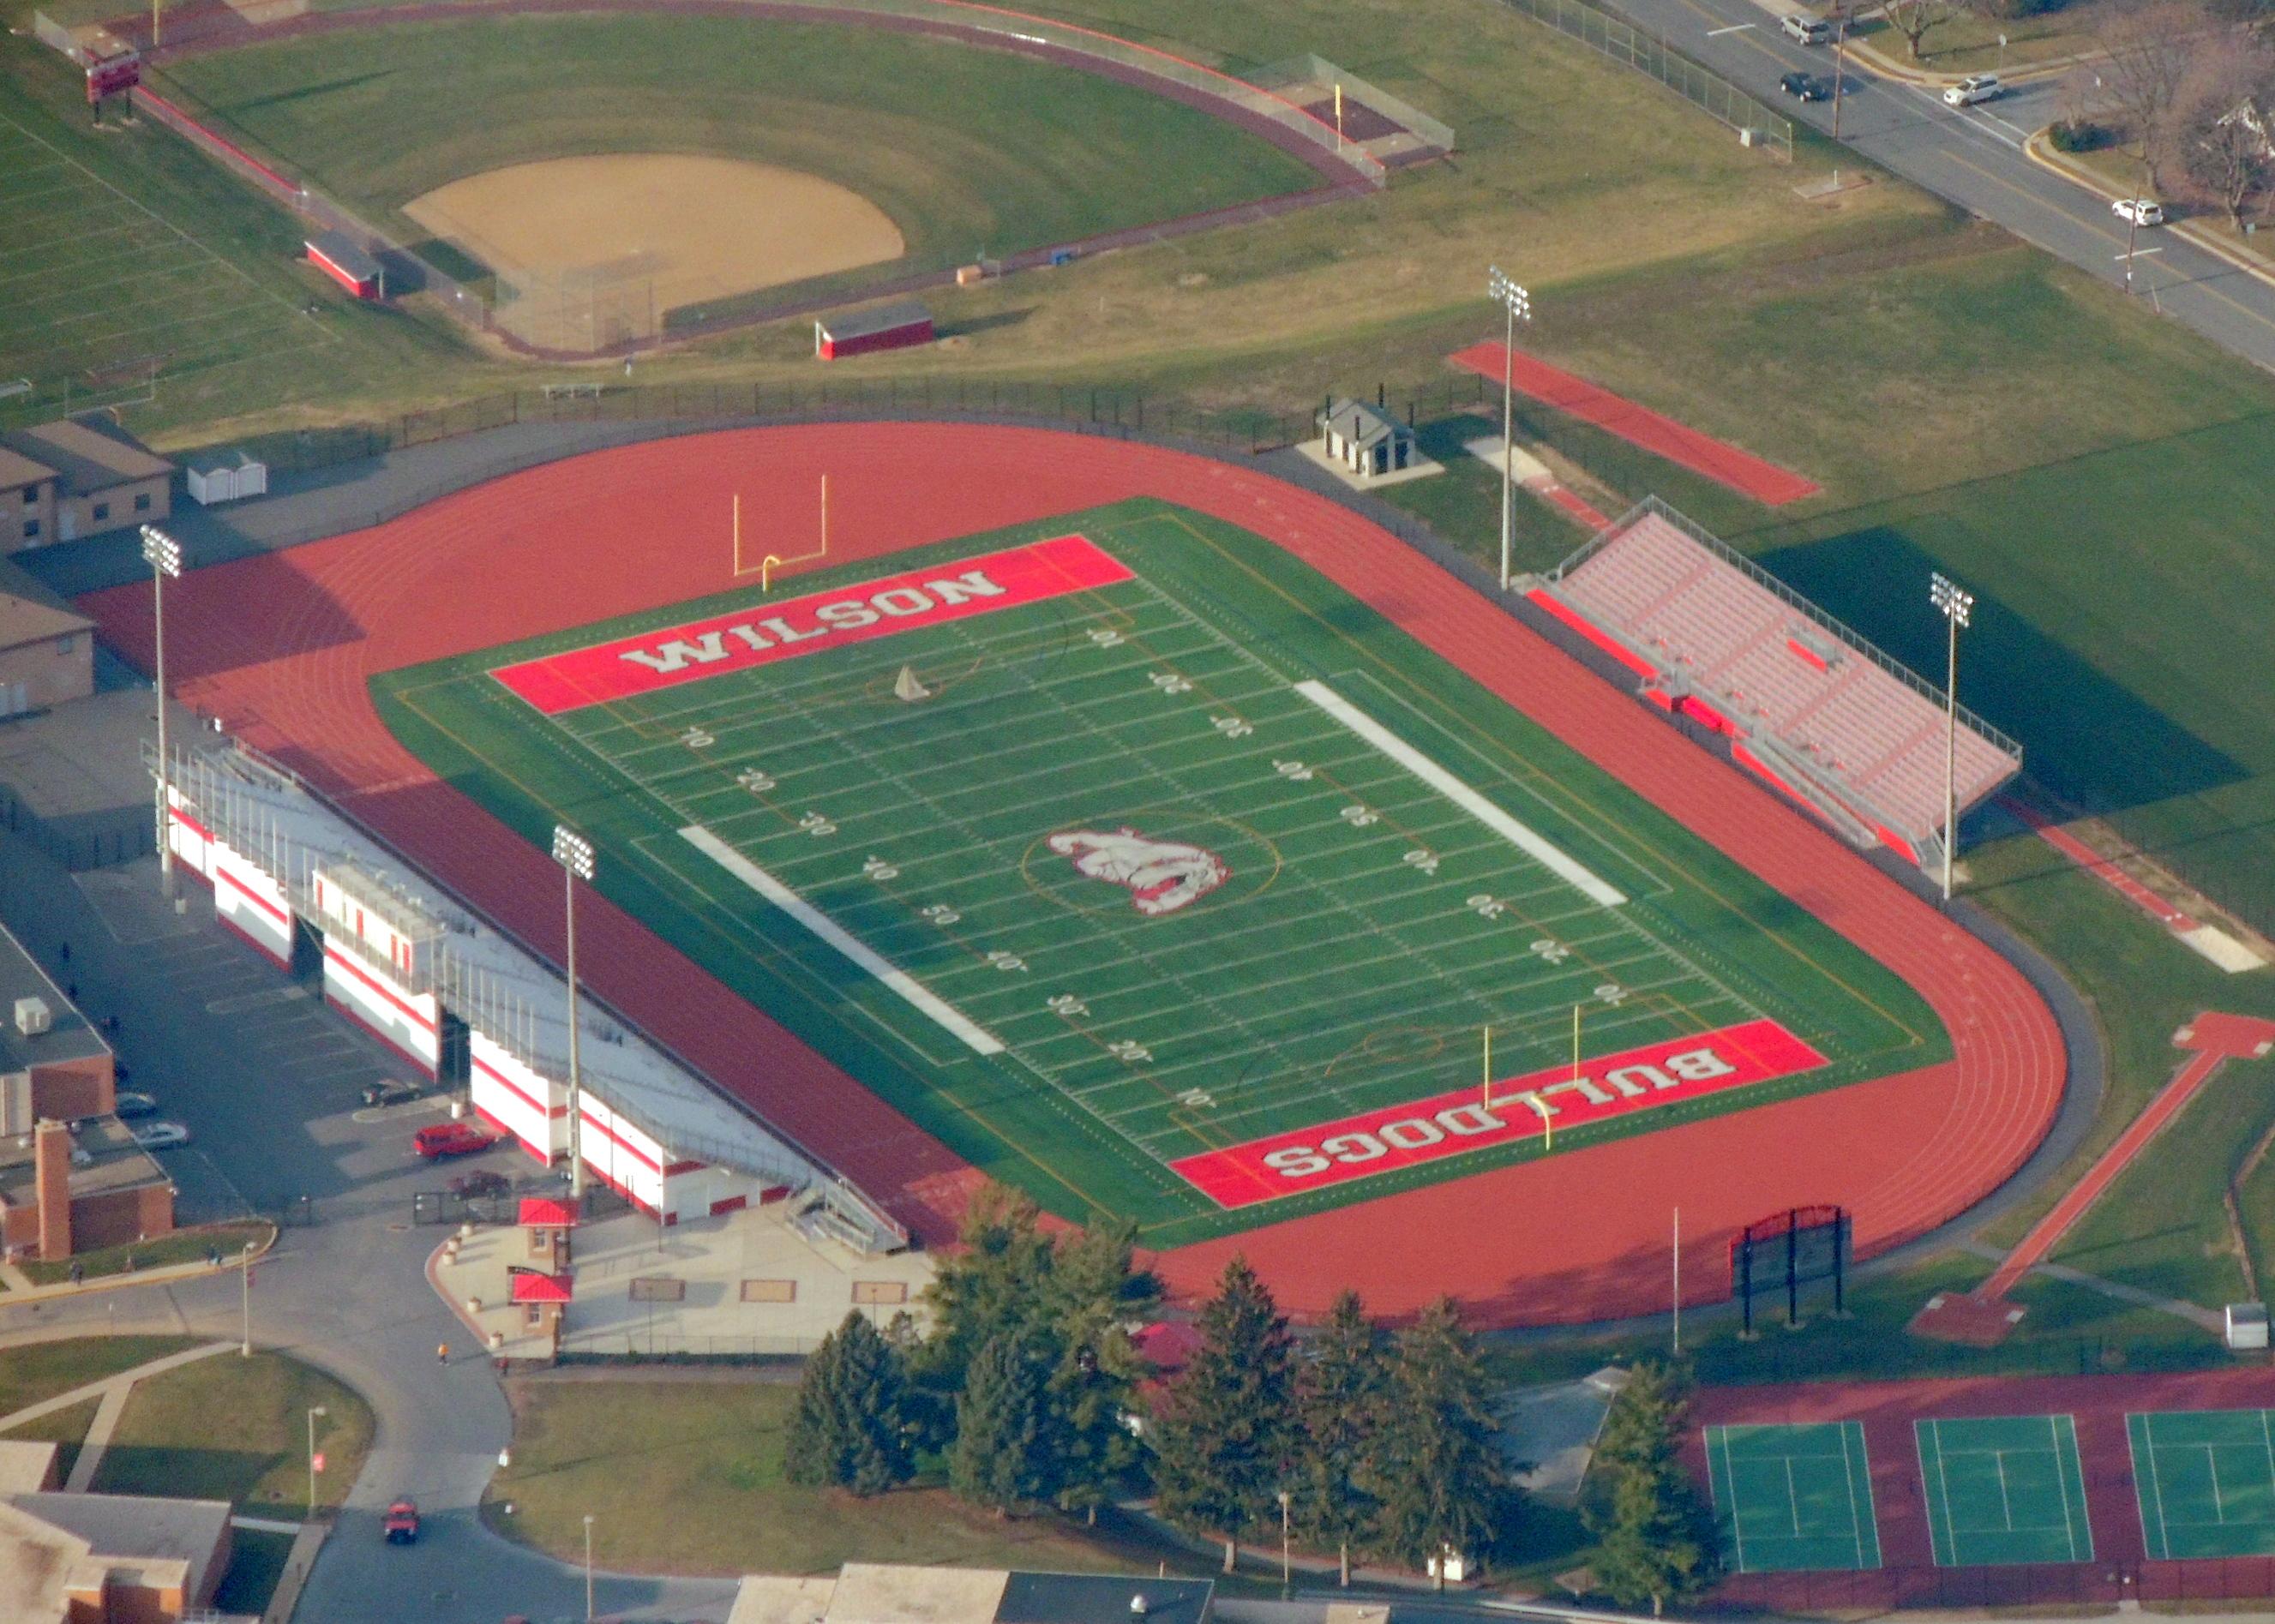 Wilson High School (Wilson Bulldogs) West Lawn PA